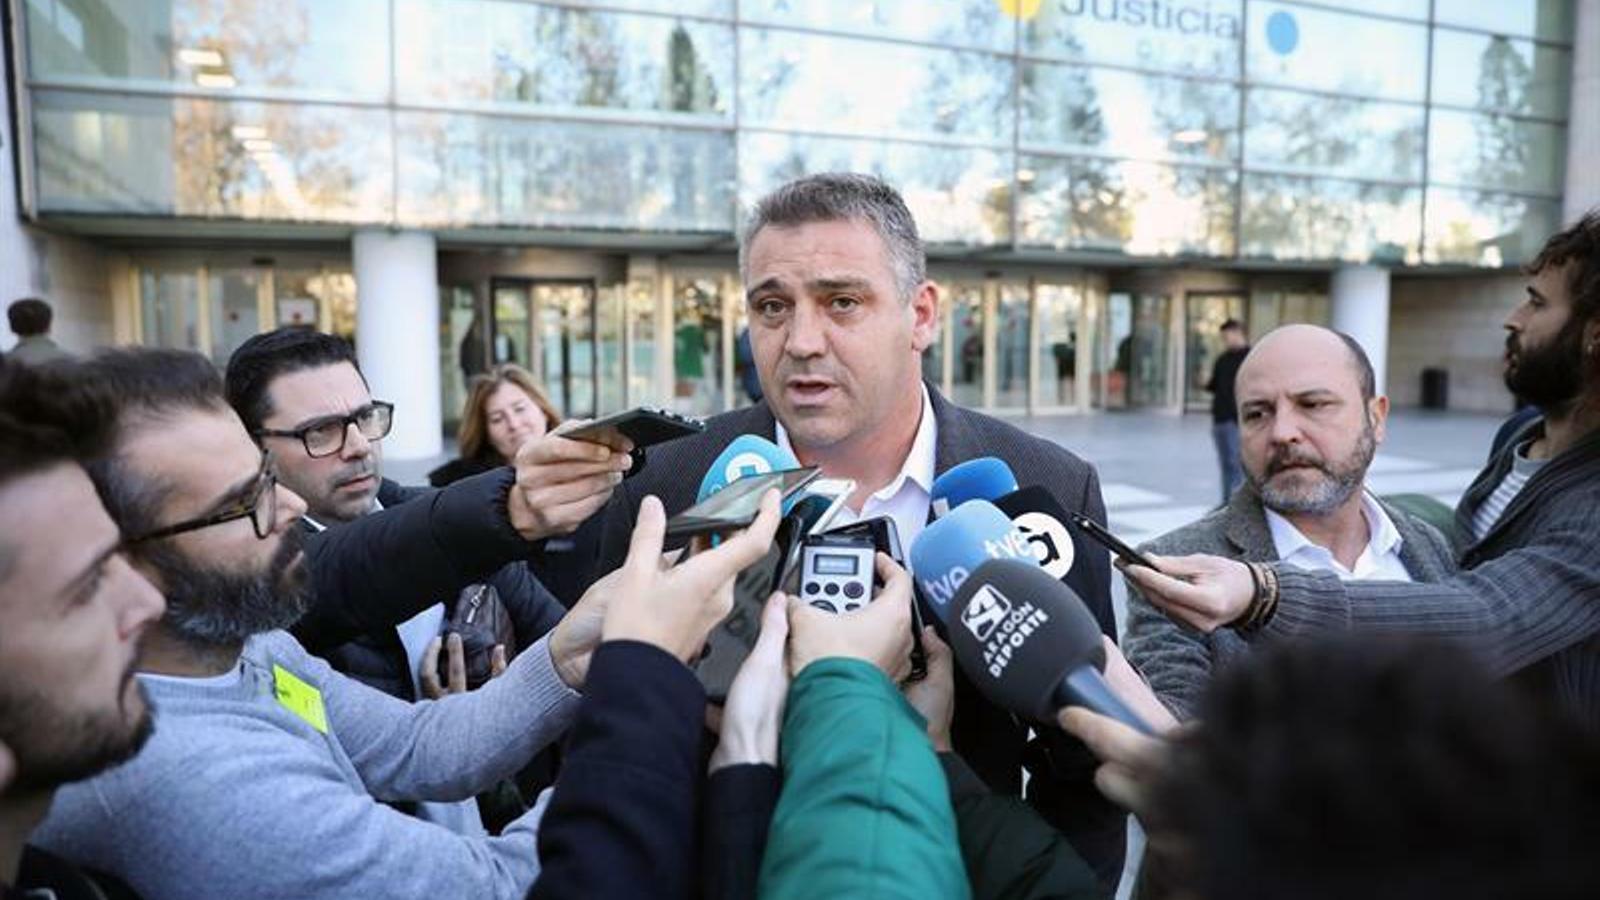 El jutge absol els futbolistes acusats de pactar el resultat del Llevant-Saragossa